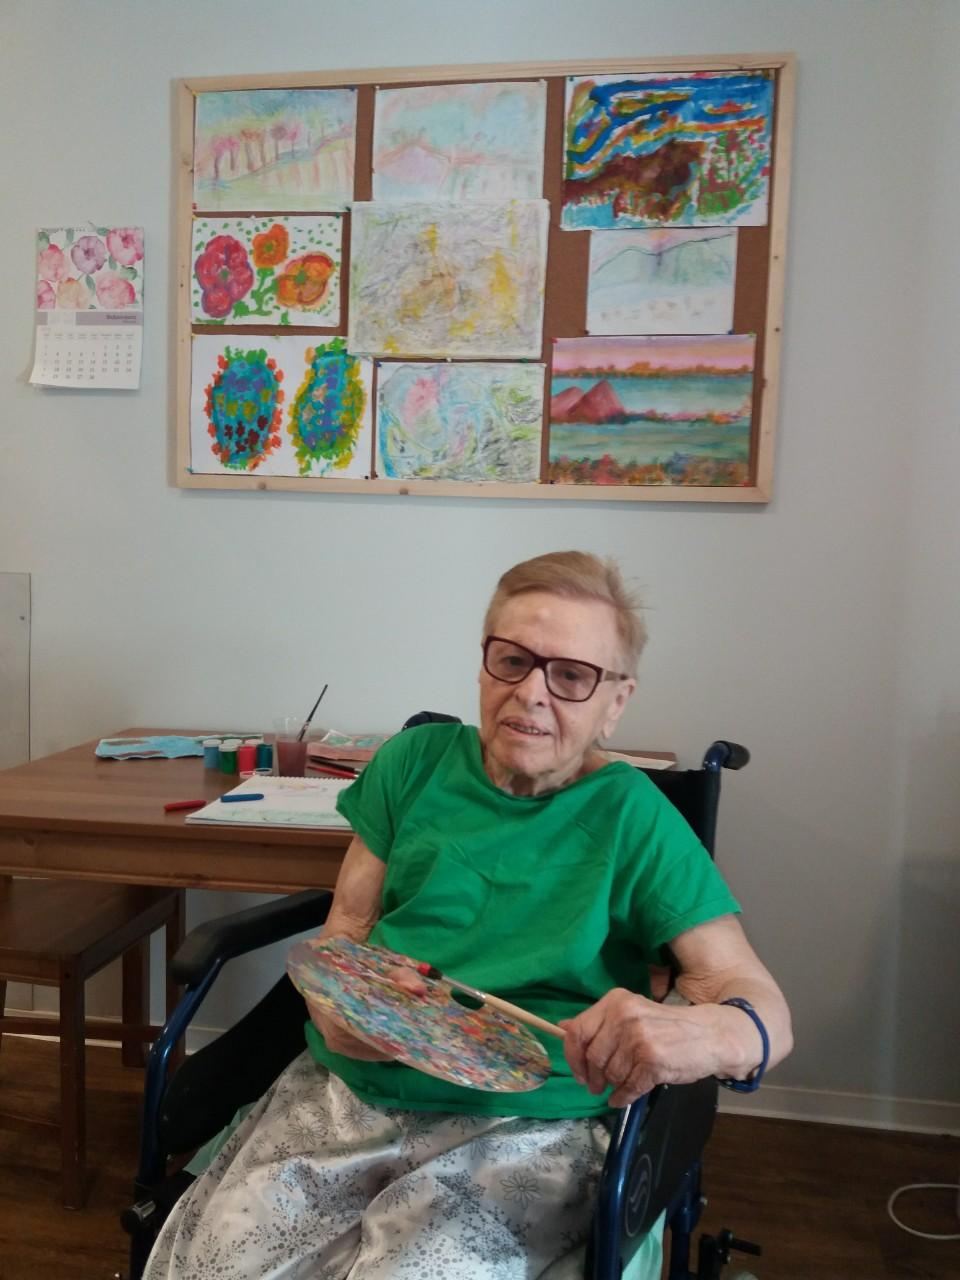 Καλλιτεχνικές δραστηριότητες - ζωγραφική | Καλλιστώ Care